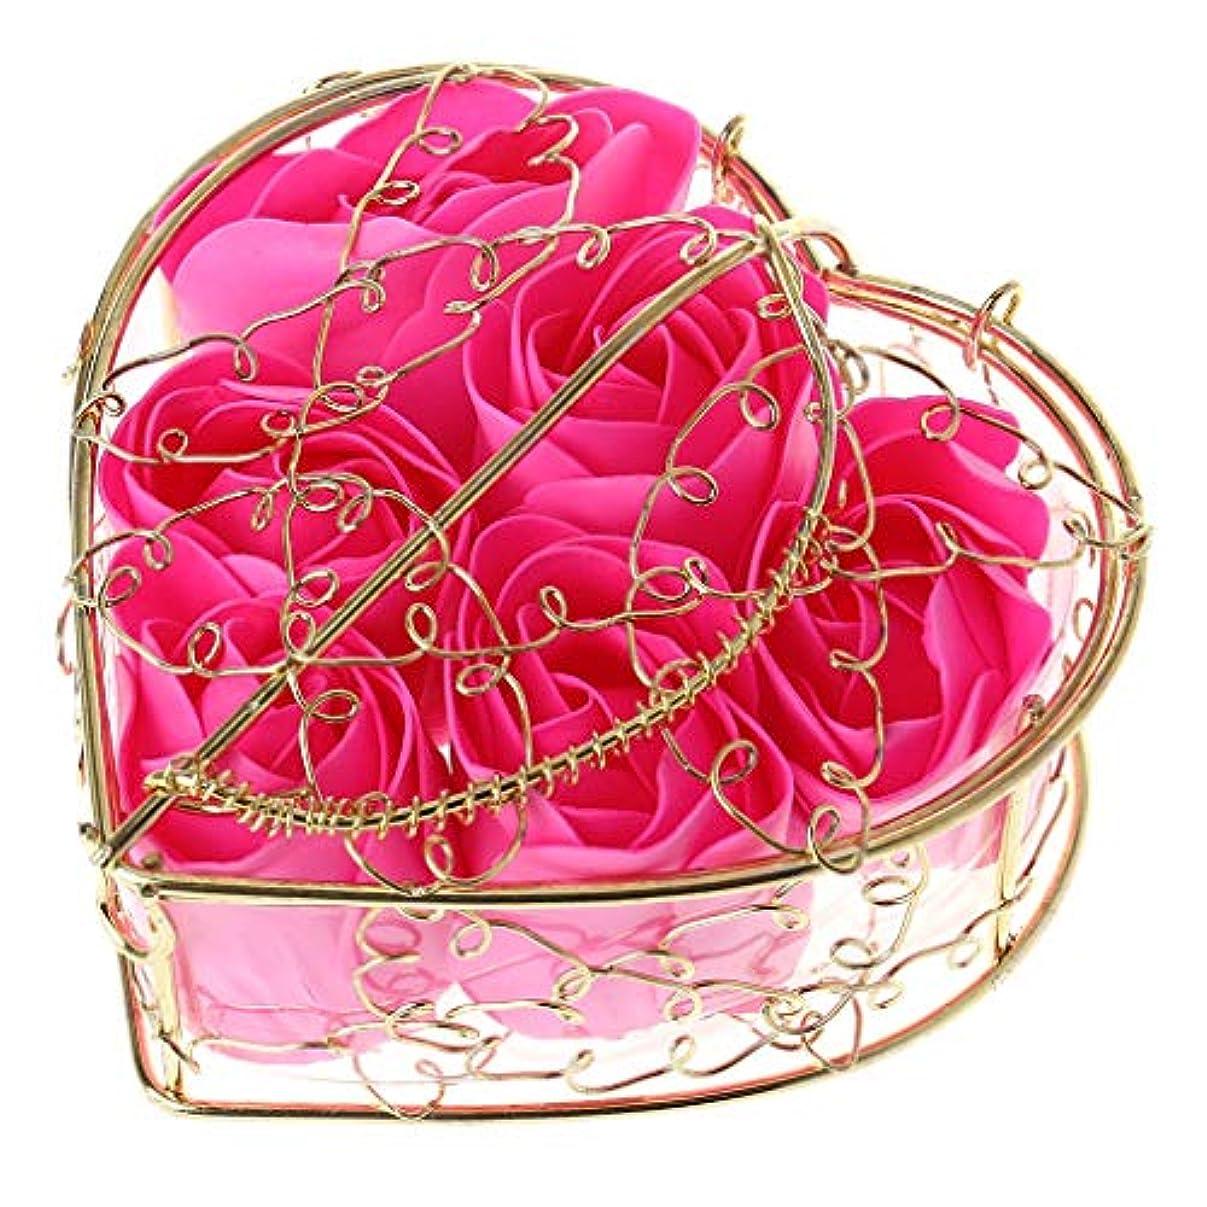 つぼみ男らしい捕虜Kaman-co 6本の香りのバラの花びら、入浴ボディーソープ、ウェディングパーティーの装飾ギフト、バレンタインデーの贈り物 (HP)